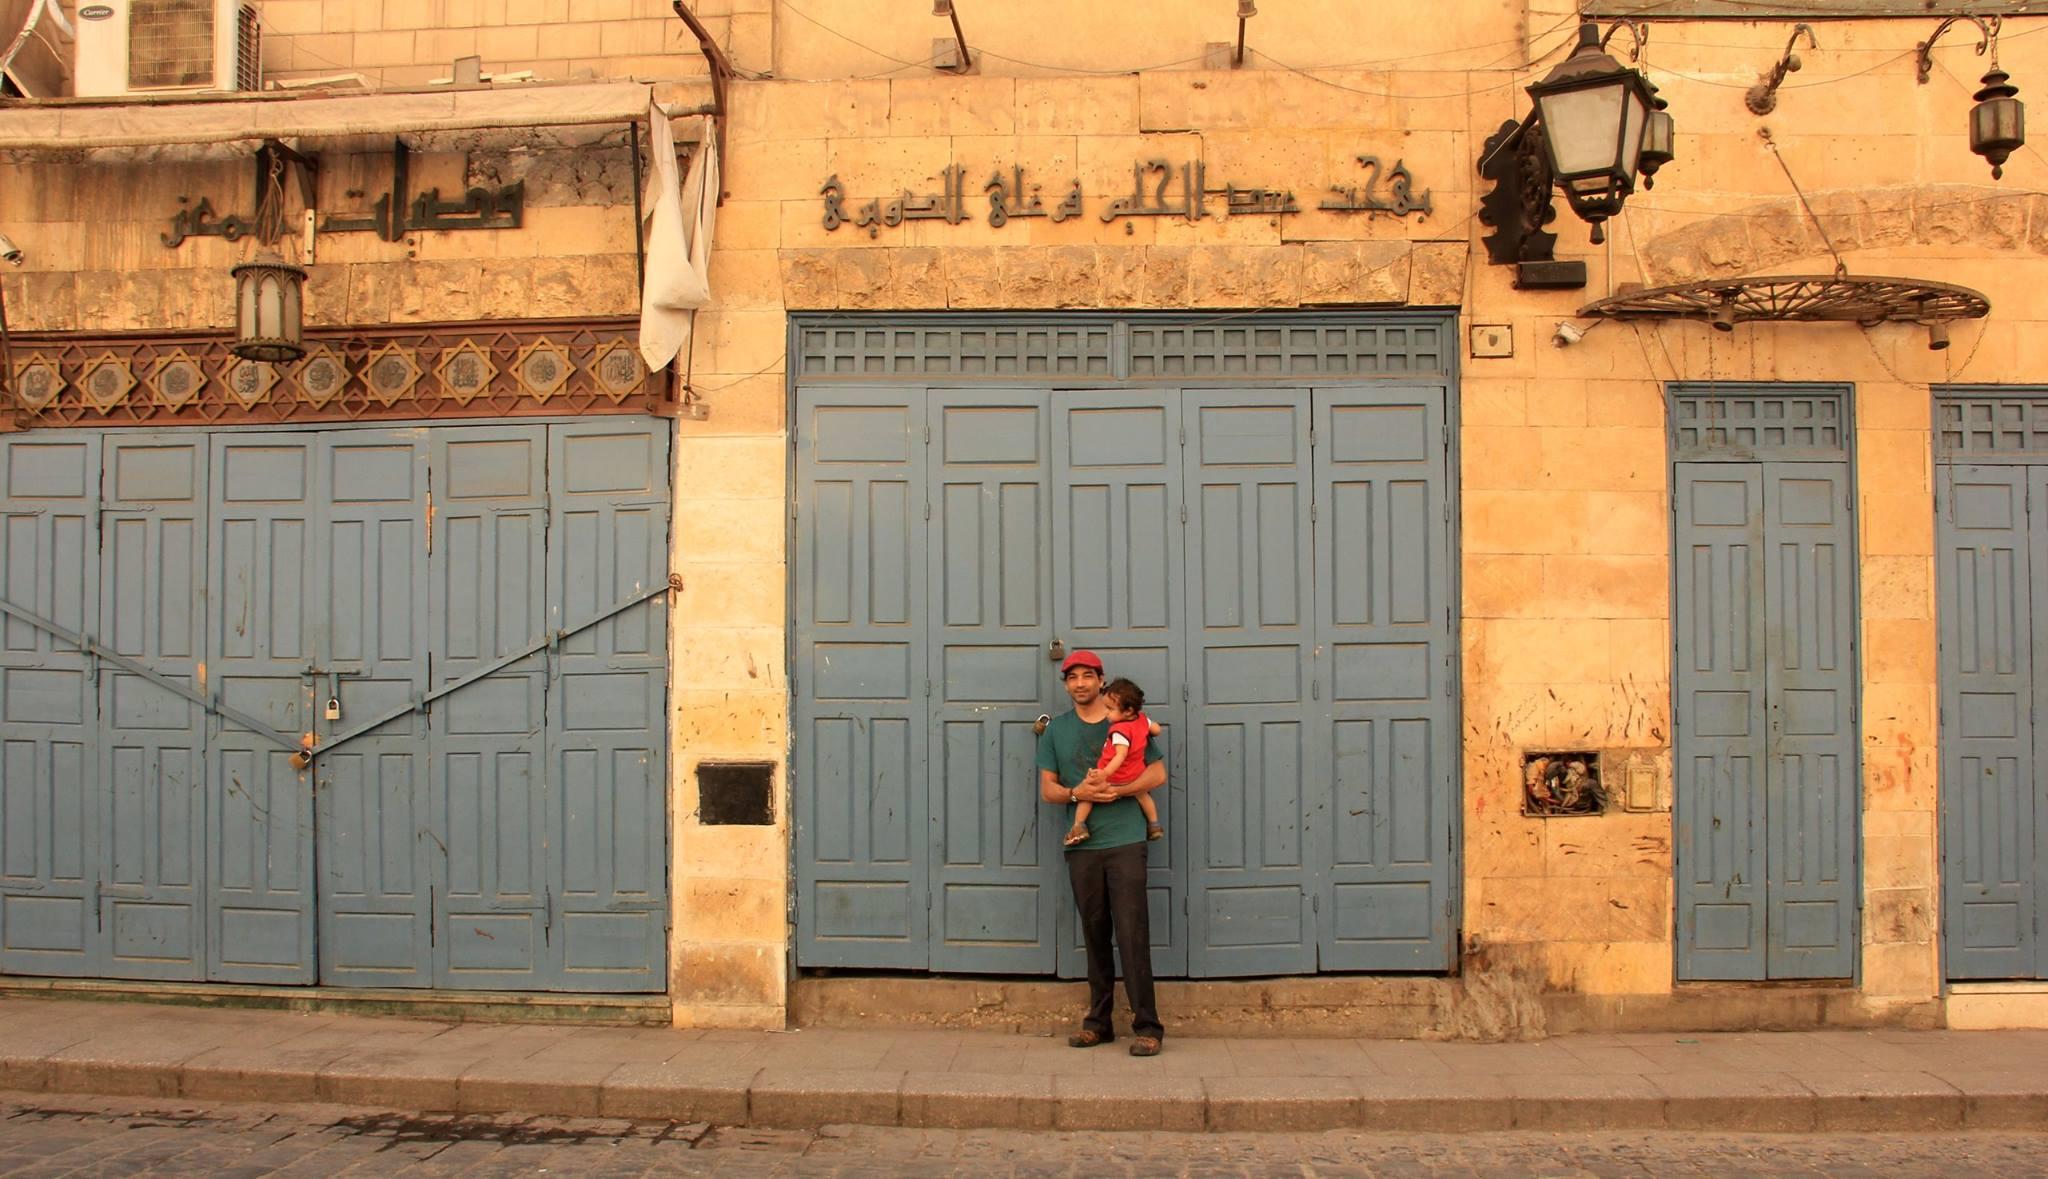 The beautifully restored Islamic Cairo